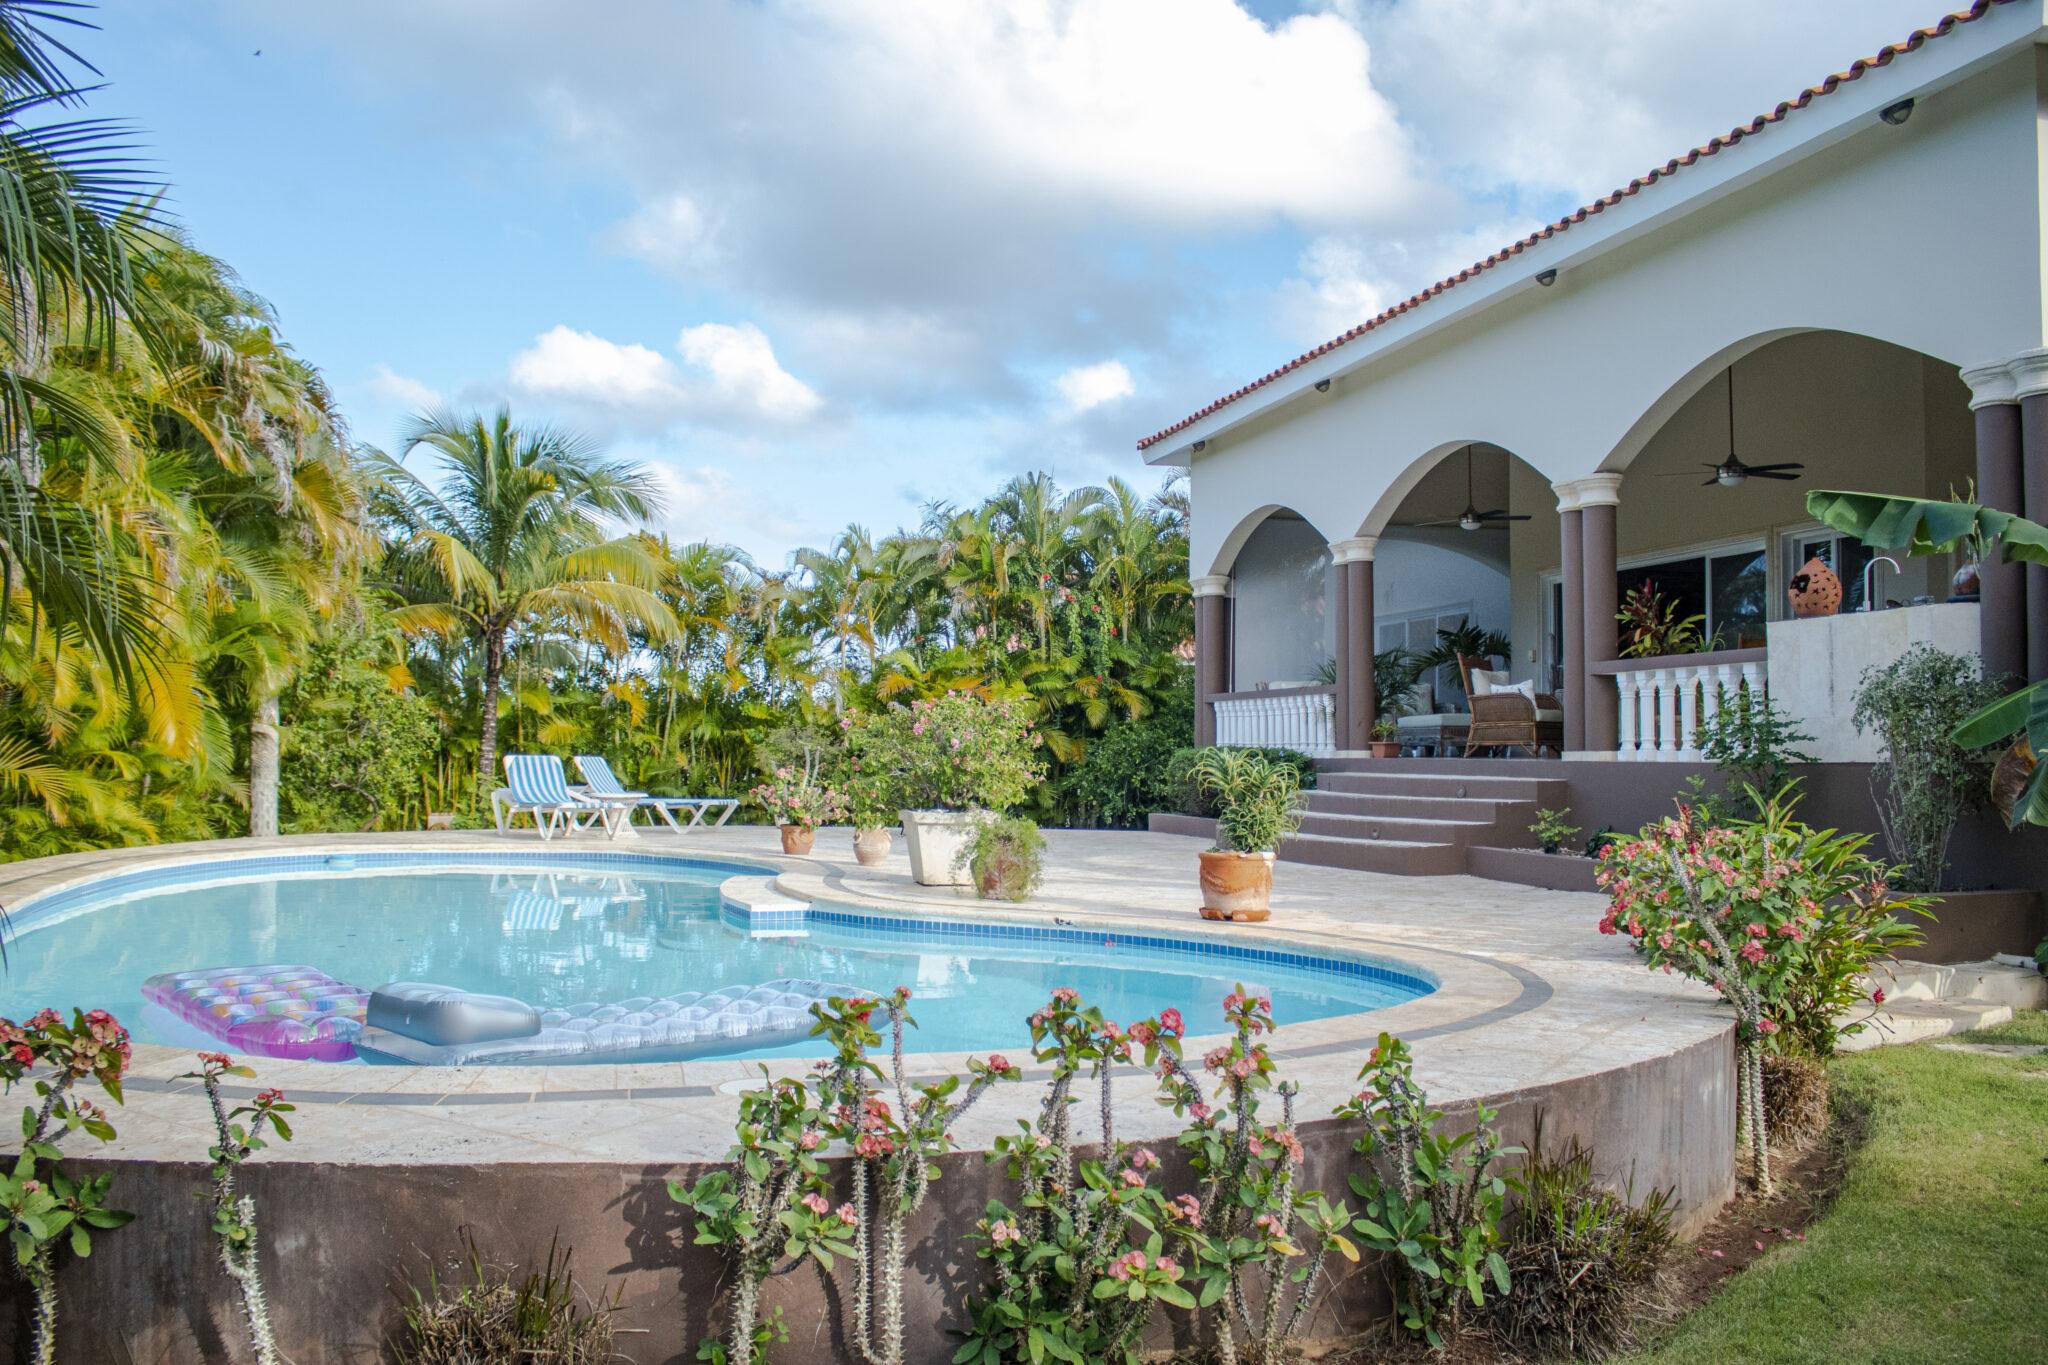 dominican republic relocation